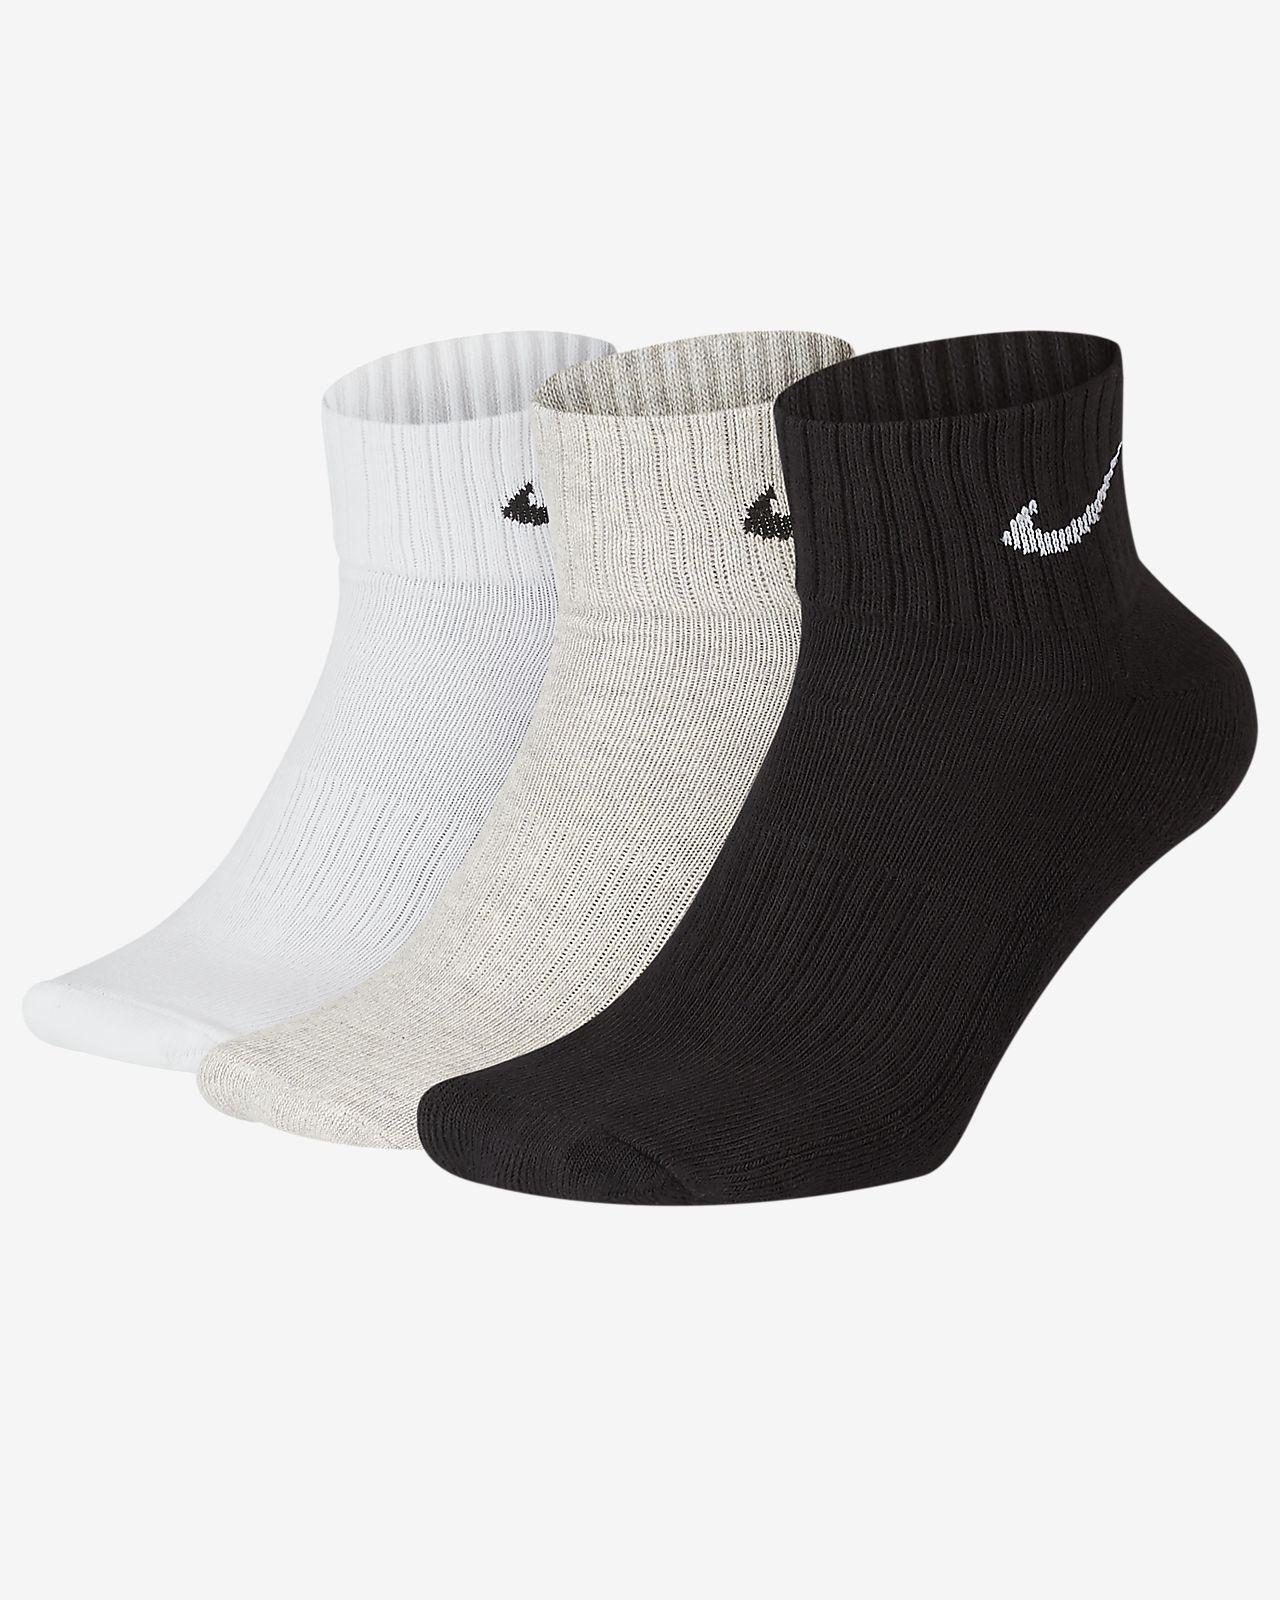 Vristhöga träningsstrumpor Nike Cushion (3 par)